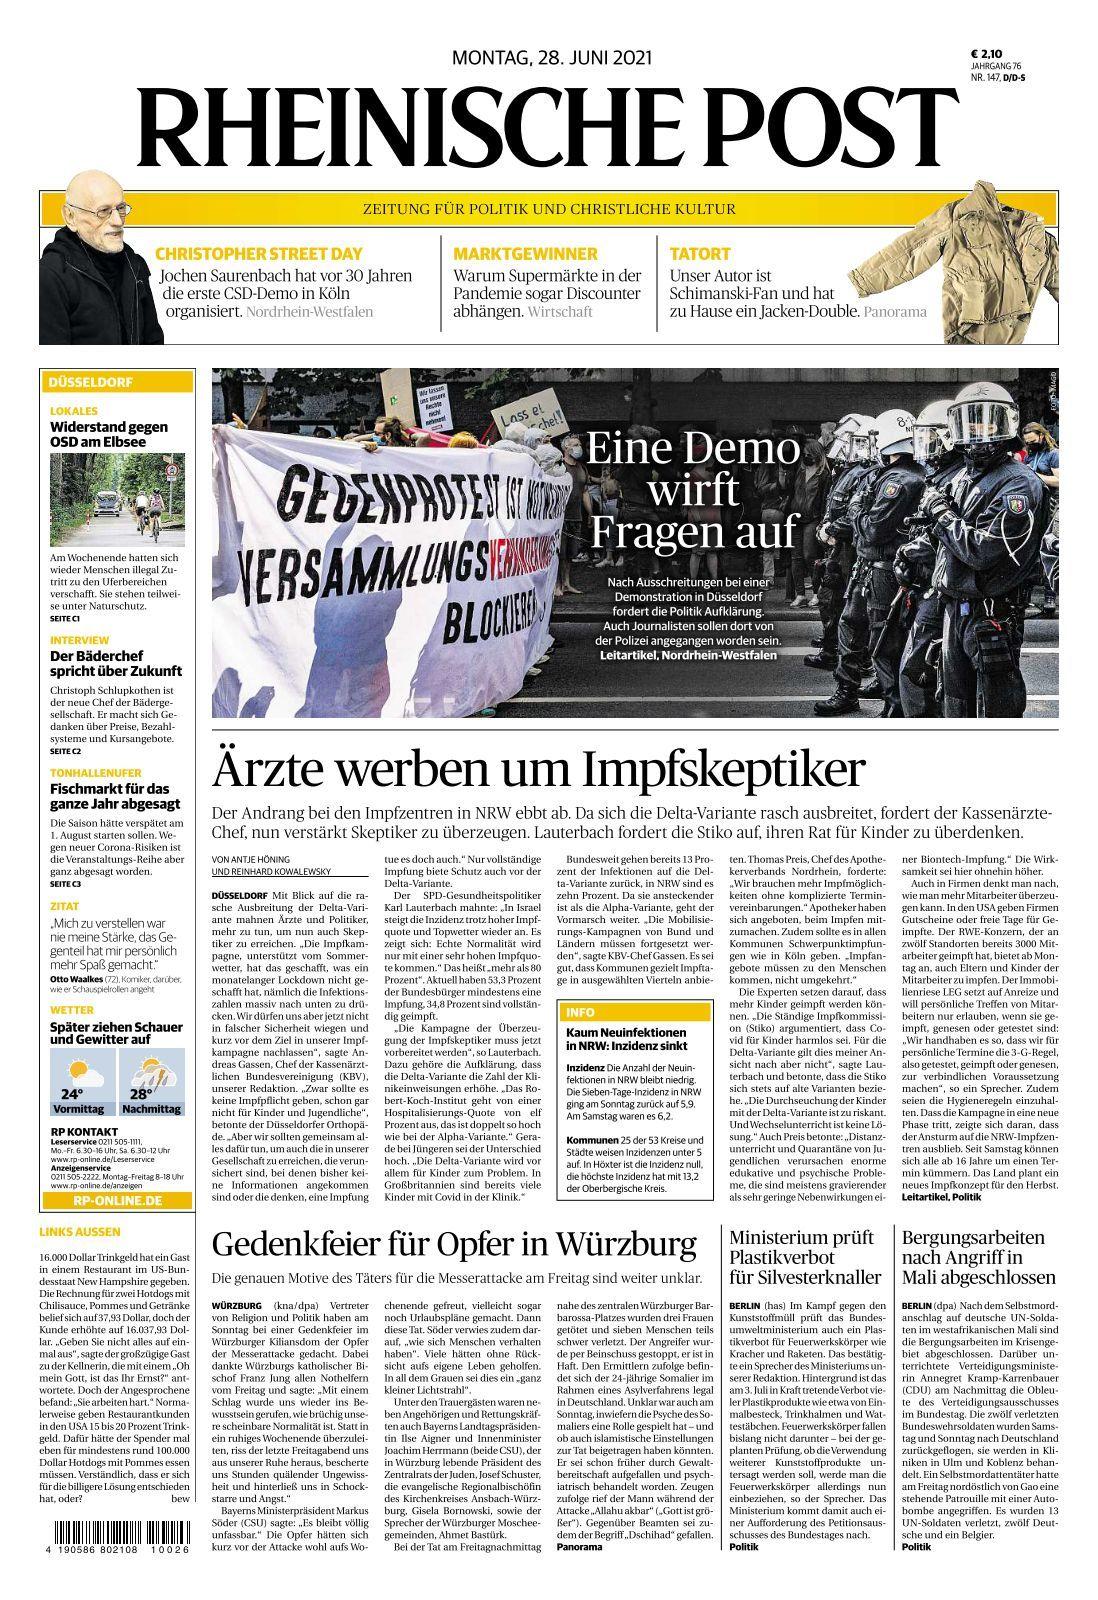 Rheinische Post   8 8 8